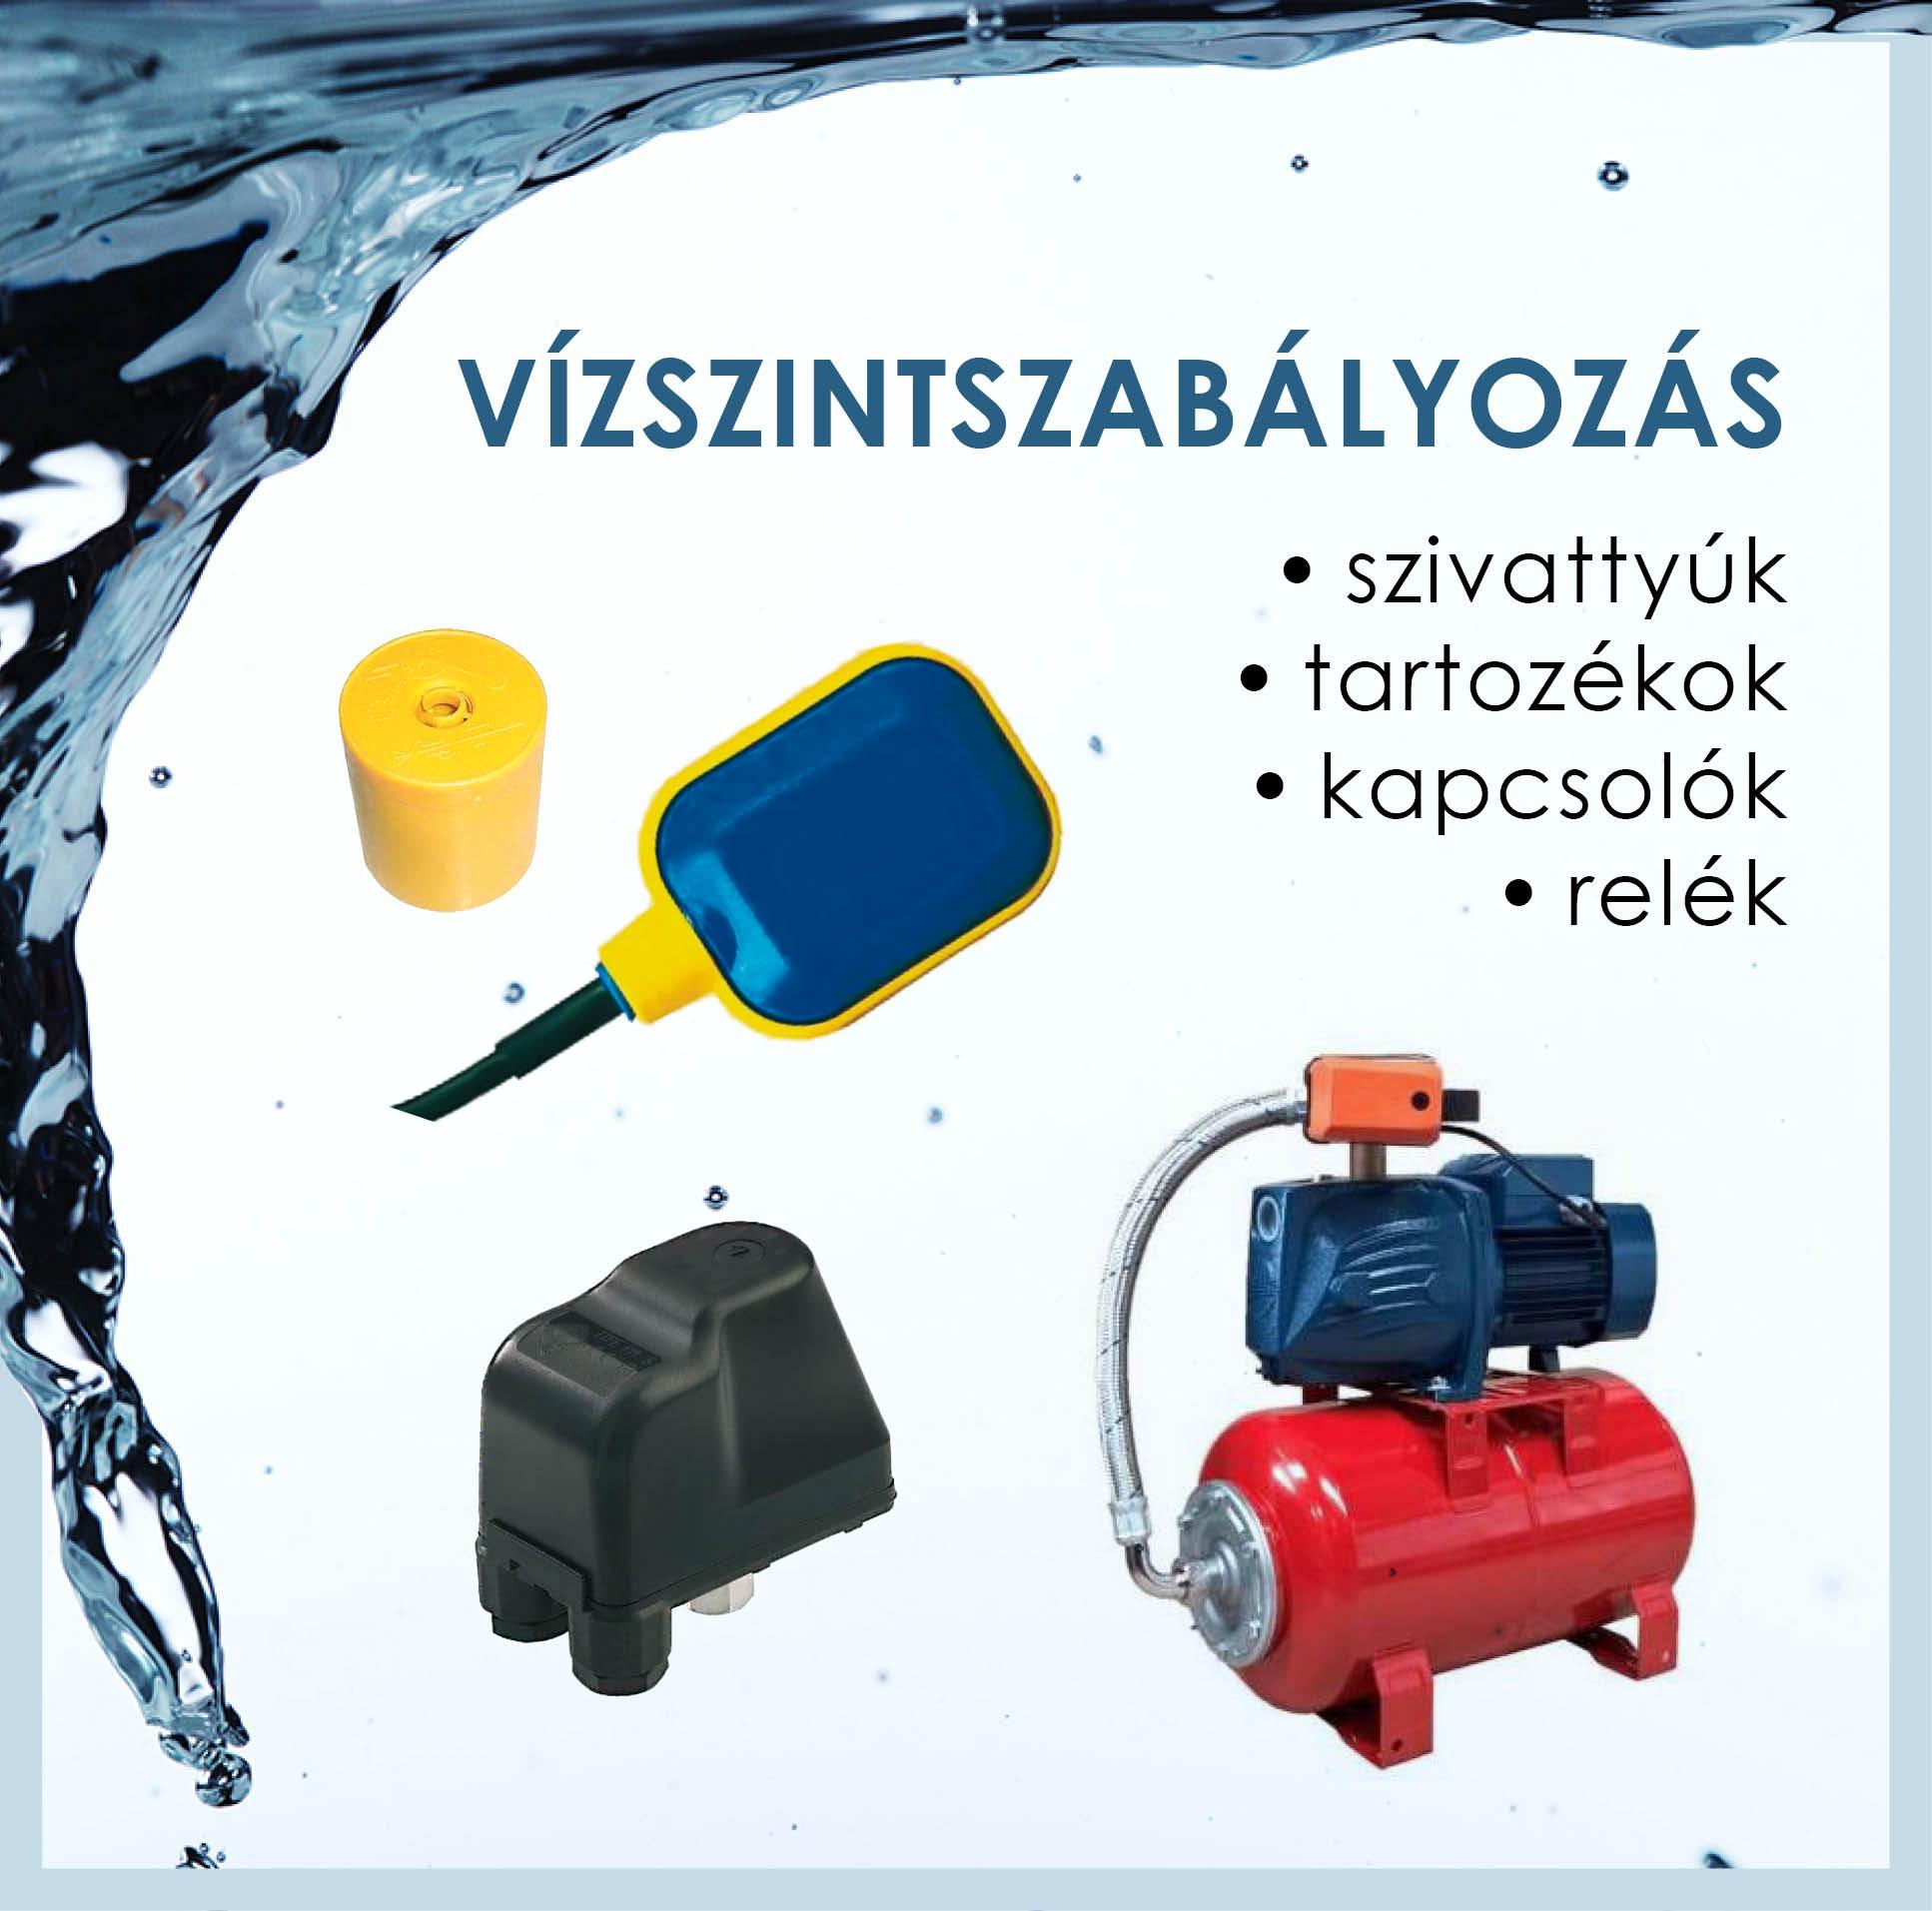 Vízszintszabályozás